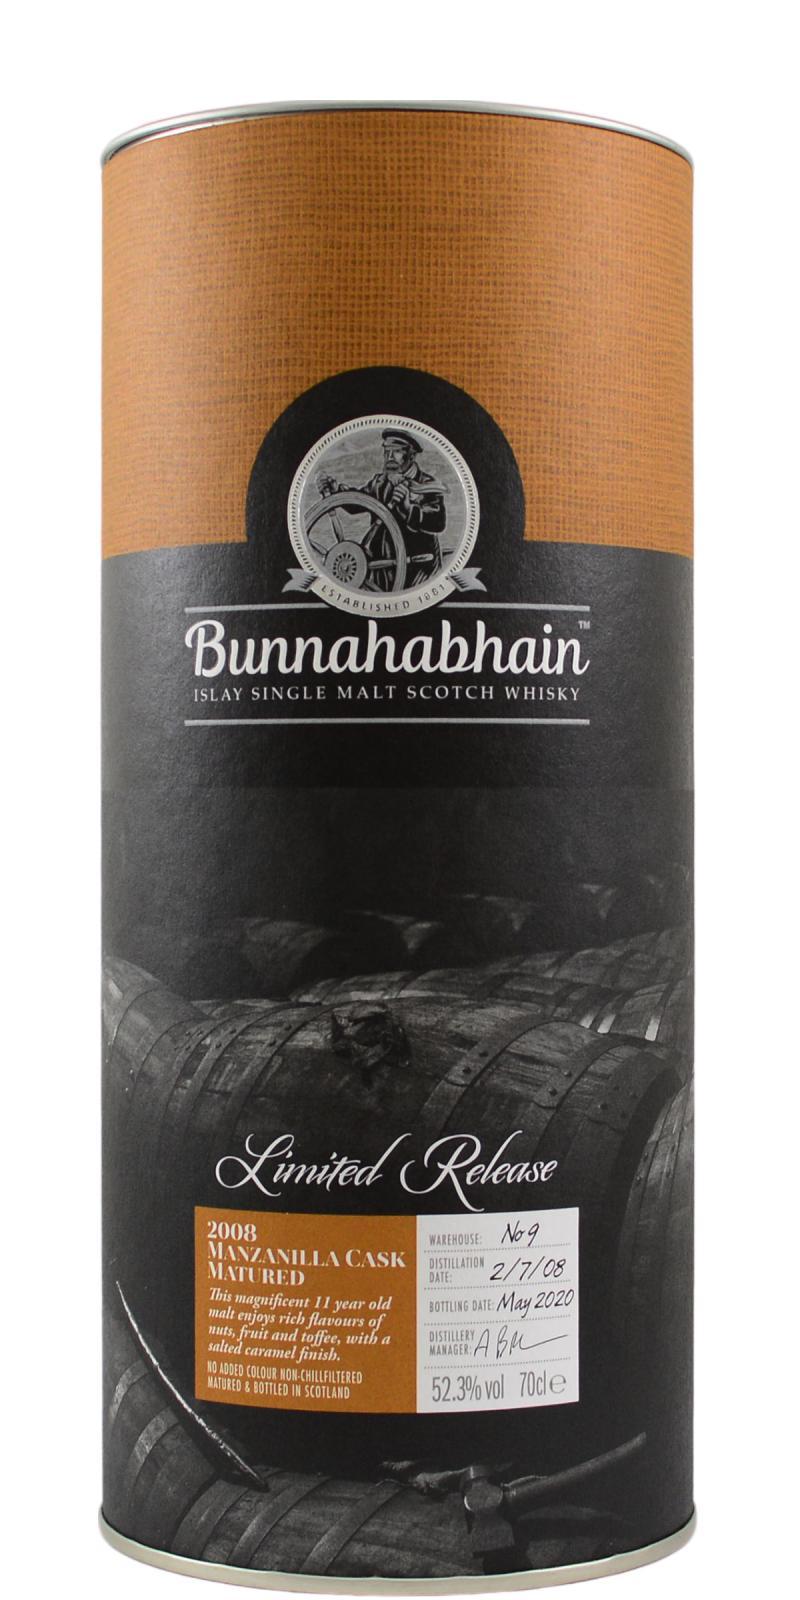 Bunnahabhain 2008